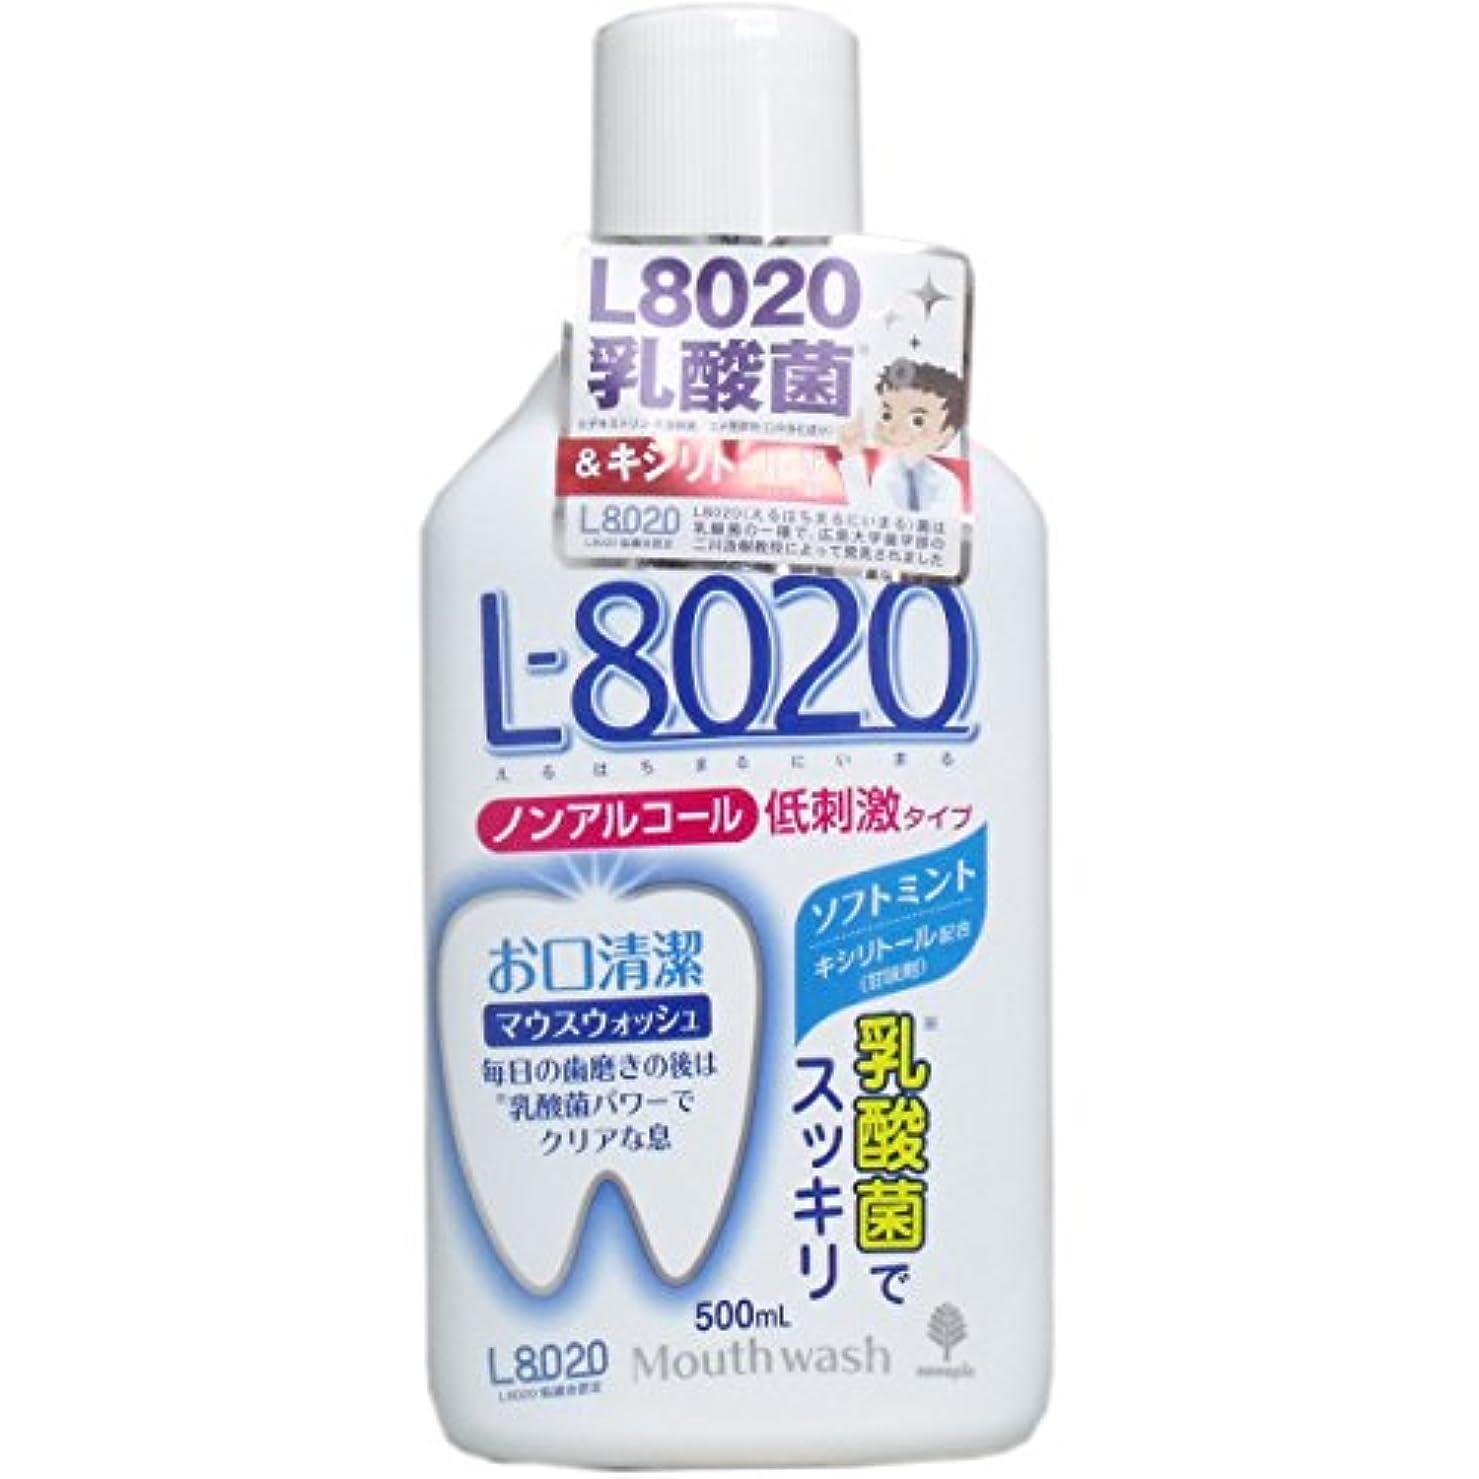 紀陽除虫菊 マウスウォッシュ クチュッペL-8020 ソフトミント(ノンアルコール) 500ml … (3個)